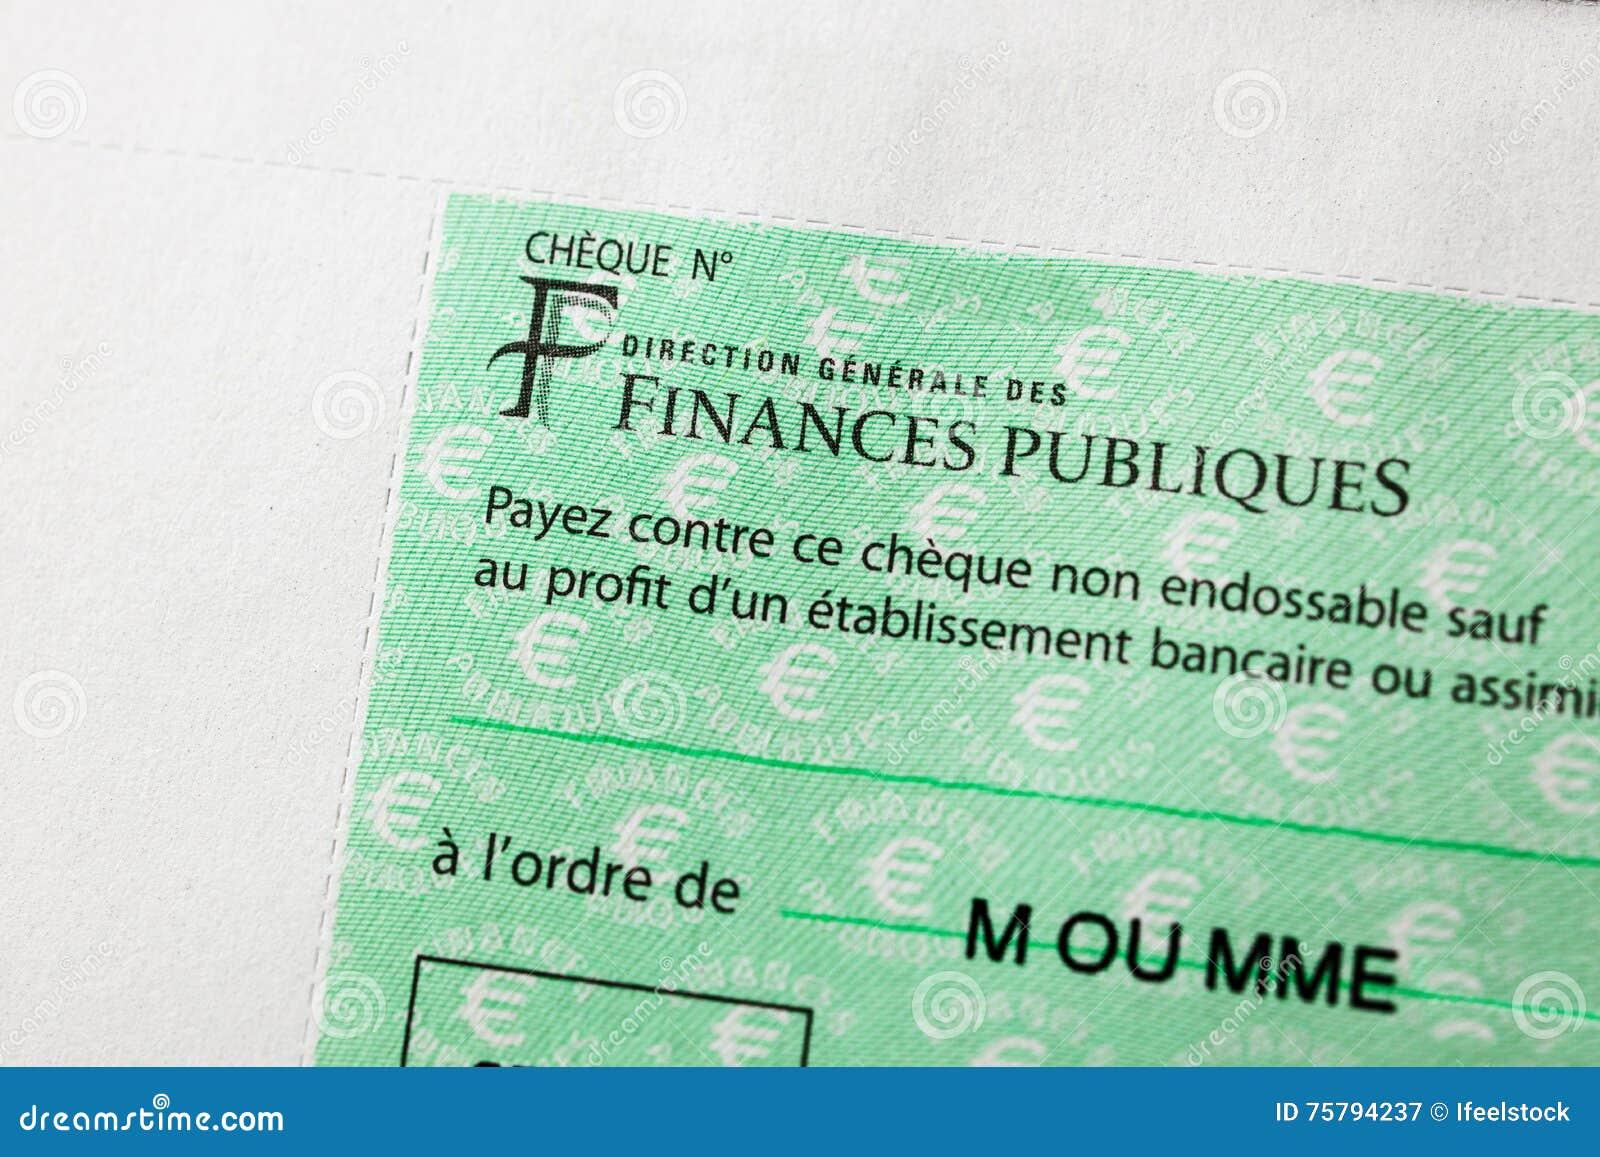 Επιταγή Rench που εκδίδεται από την κατεύθυνση Generale des Finances Publi